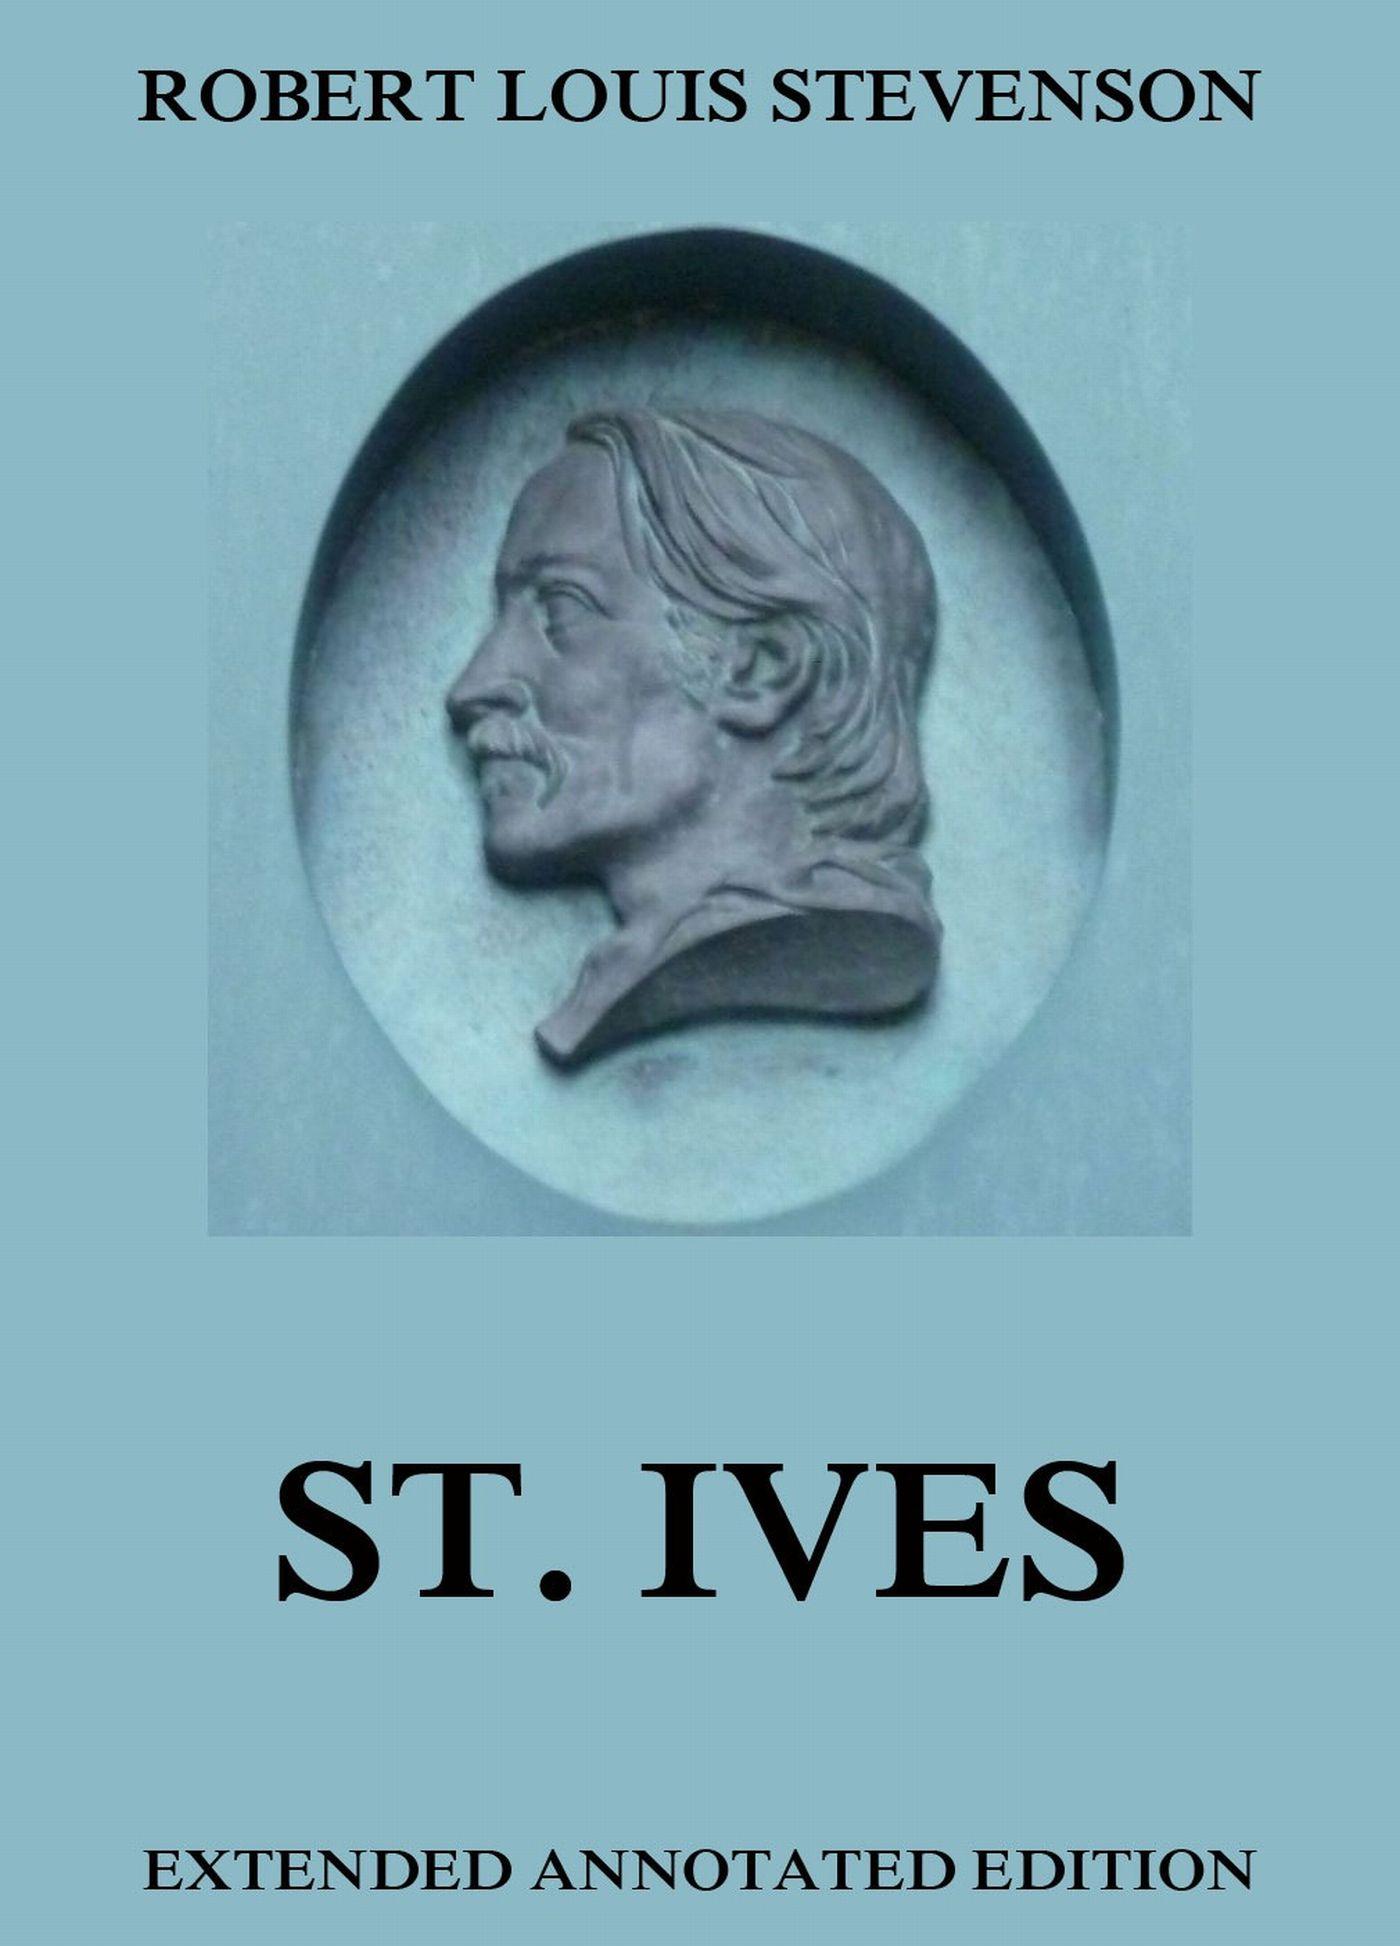 St. Ives ( Robert Louis Stevenson  )